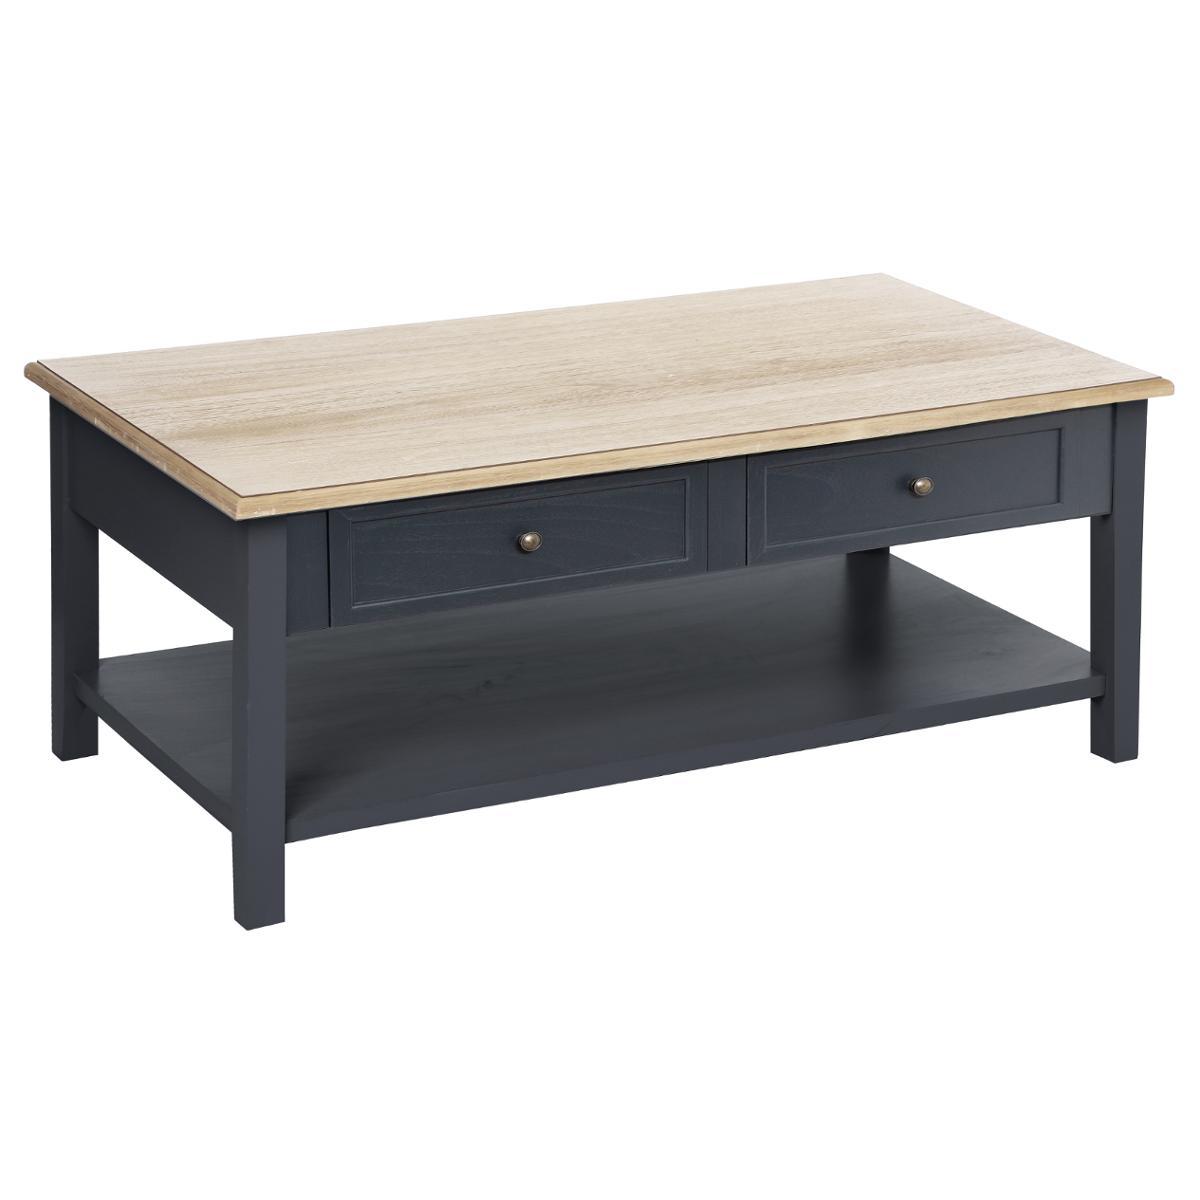 Table Basse Hiver Damian - Atmosphera